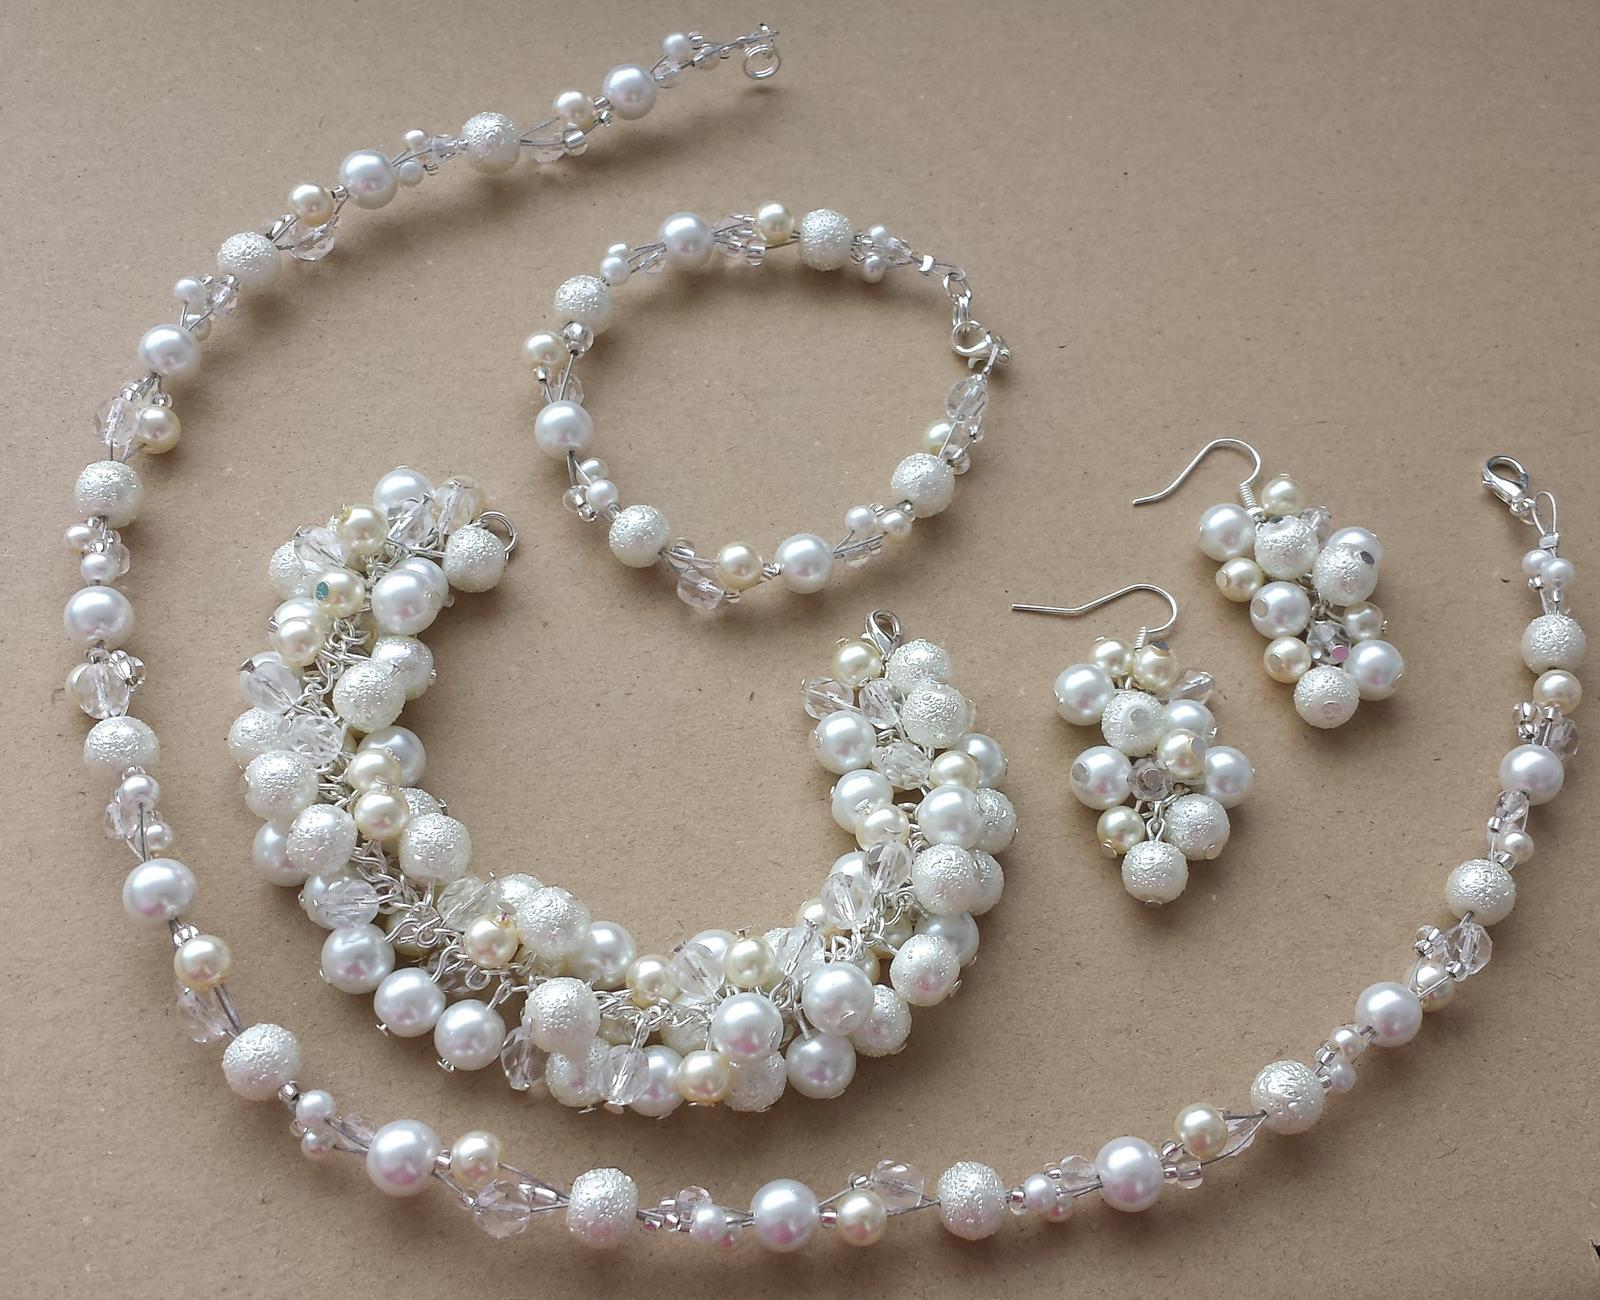 Bílé naušnice - hrozny s barvou vaší svatby - Obrázek č. 2